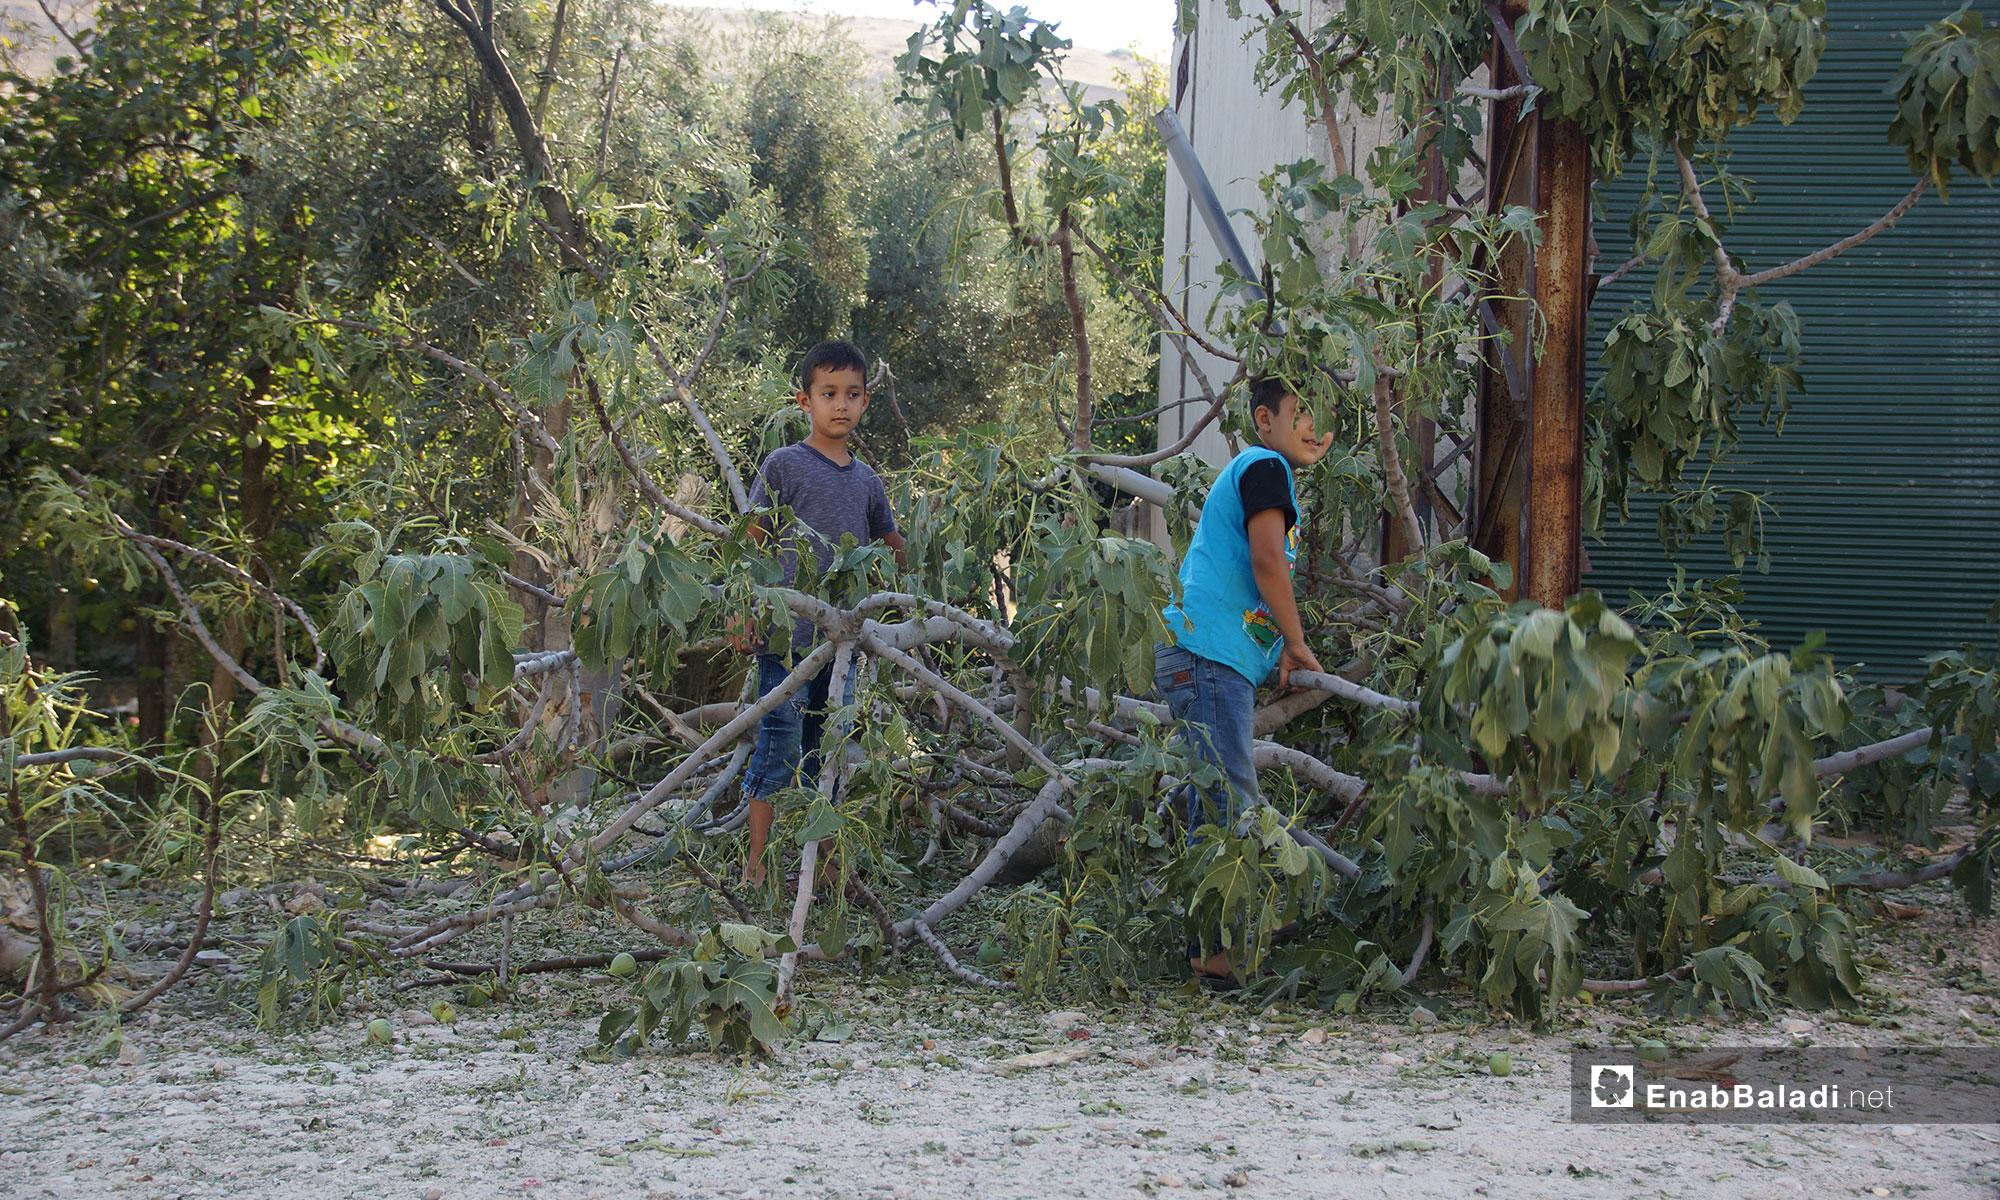 طفلان في قلعة المضيق بريف حماة - 9 من أيلول 2018 (عنب بلدي)